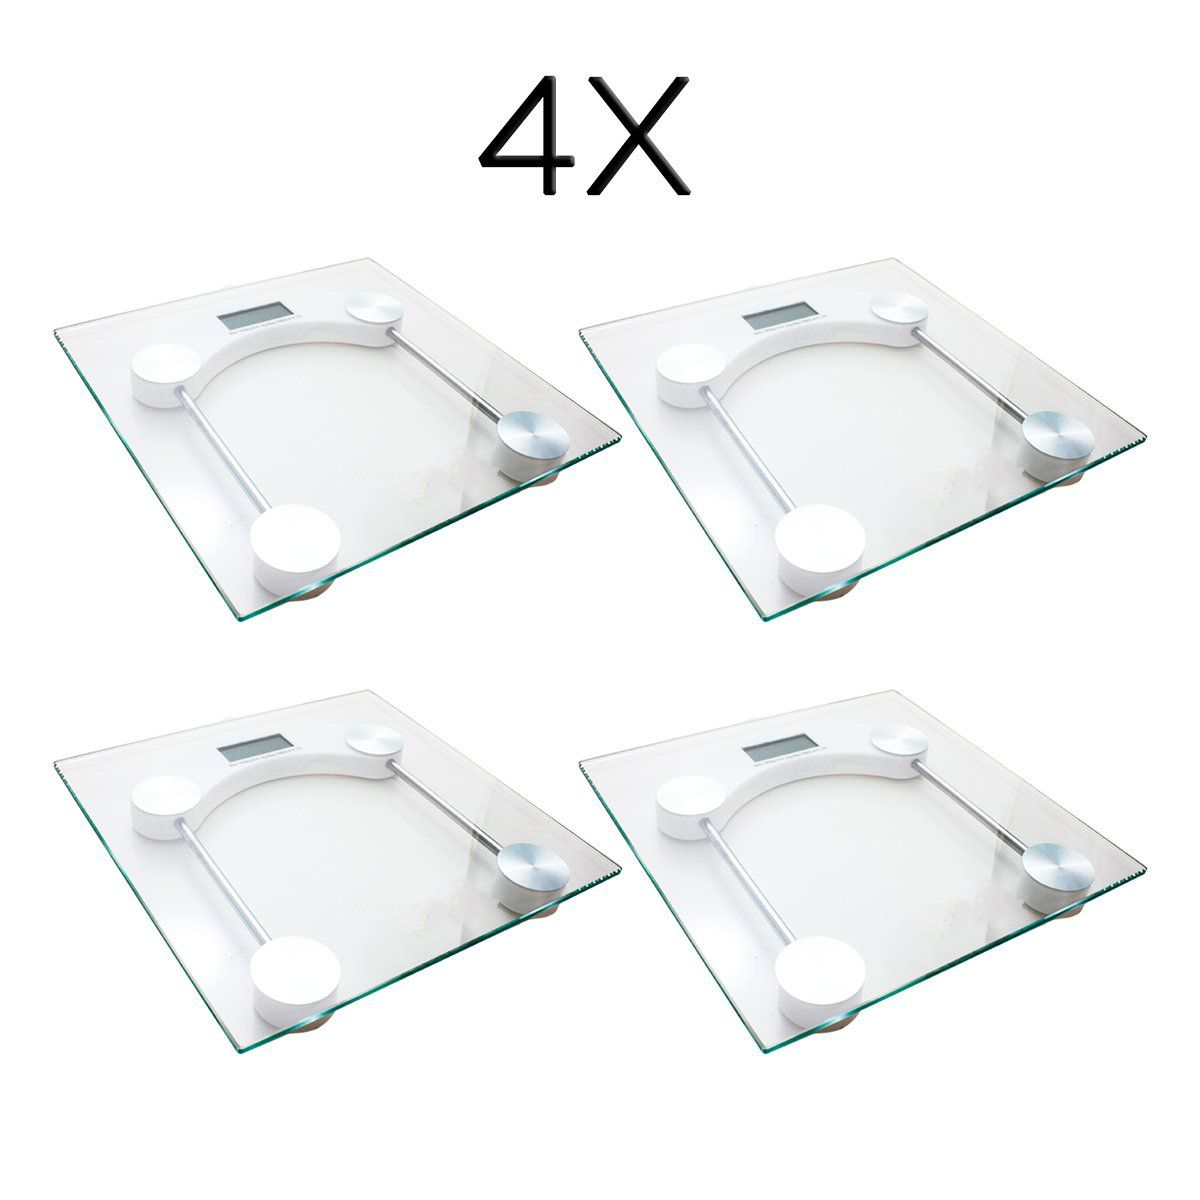 4x Balança Digital Quadrada Vidro Temperado Banheiro Academias